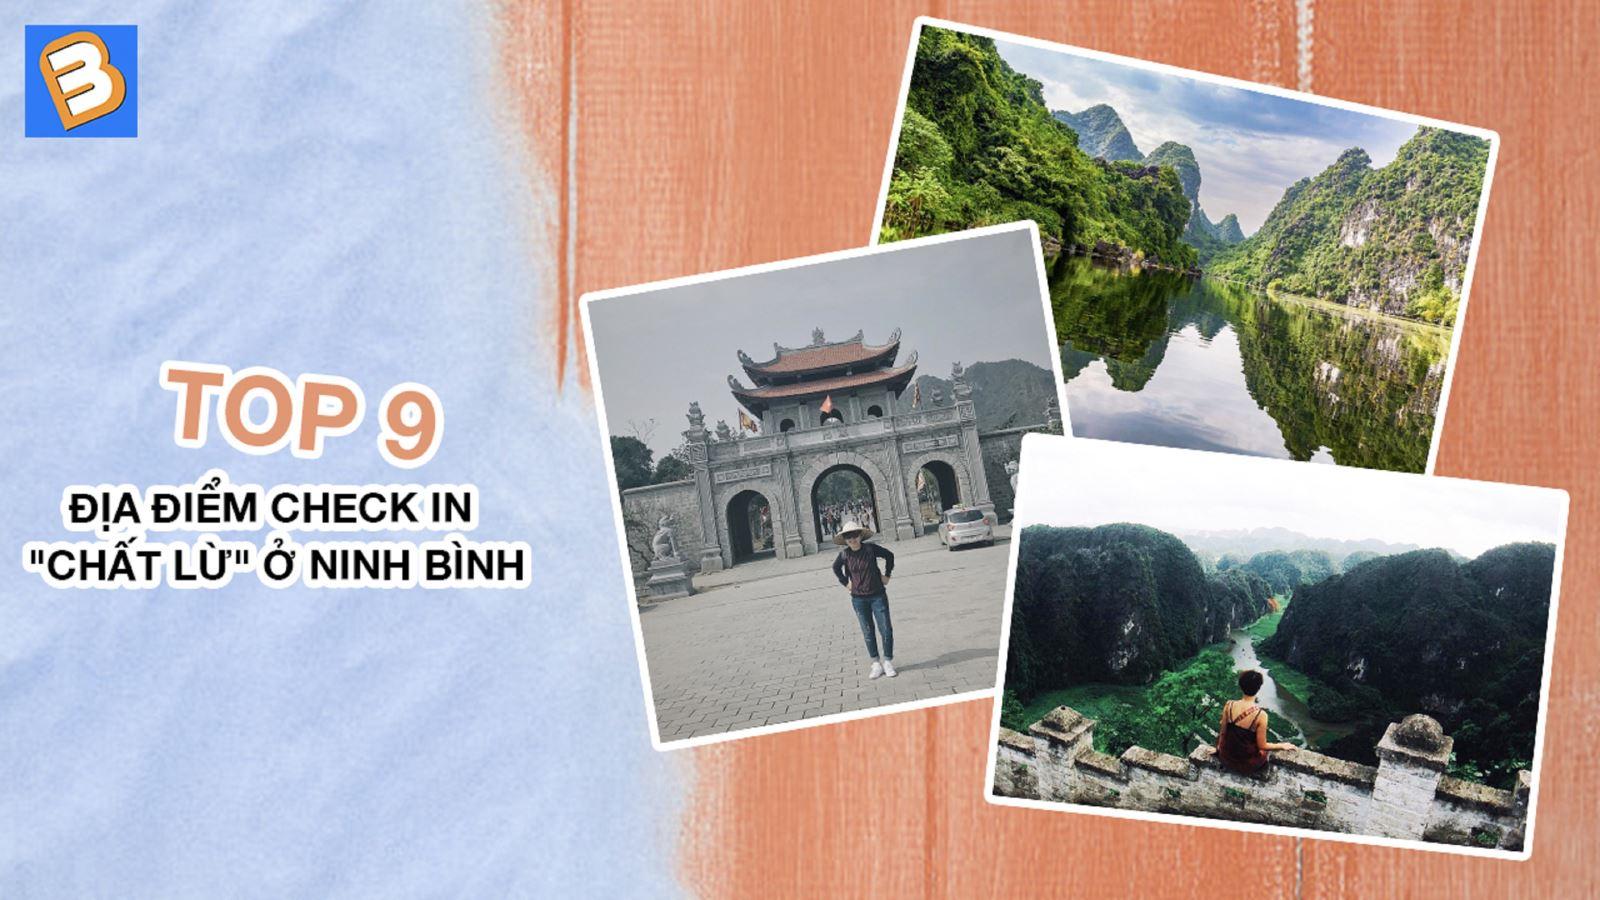 Top 9 địa điểm check in 'chất lừ' ở Ninh Bình